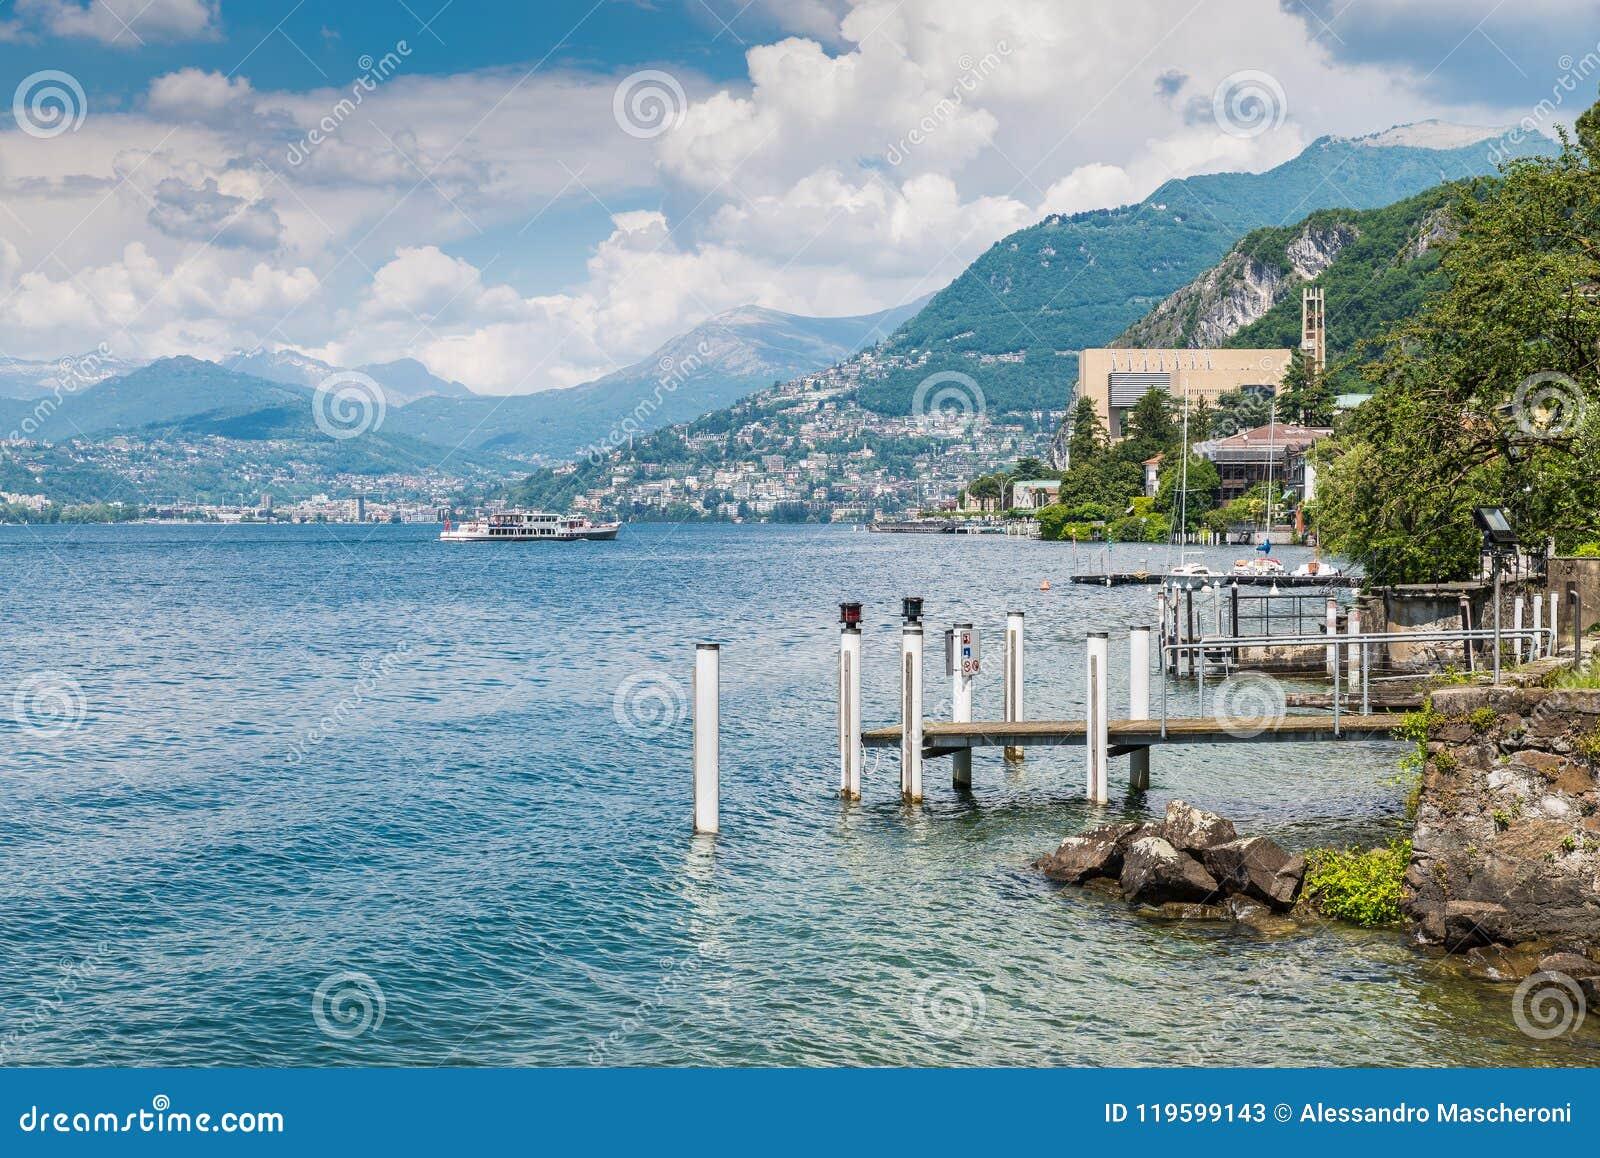 Lago Lugano Ideia do ` Italia de Campione d, famosa para seu casino visível no direito, com uma chegada do barco de turista